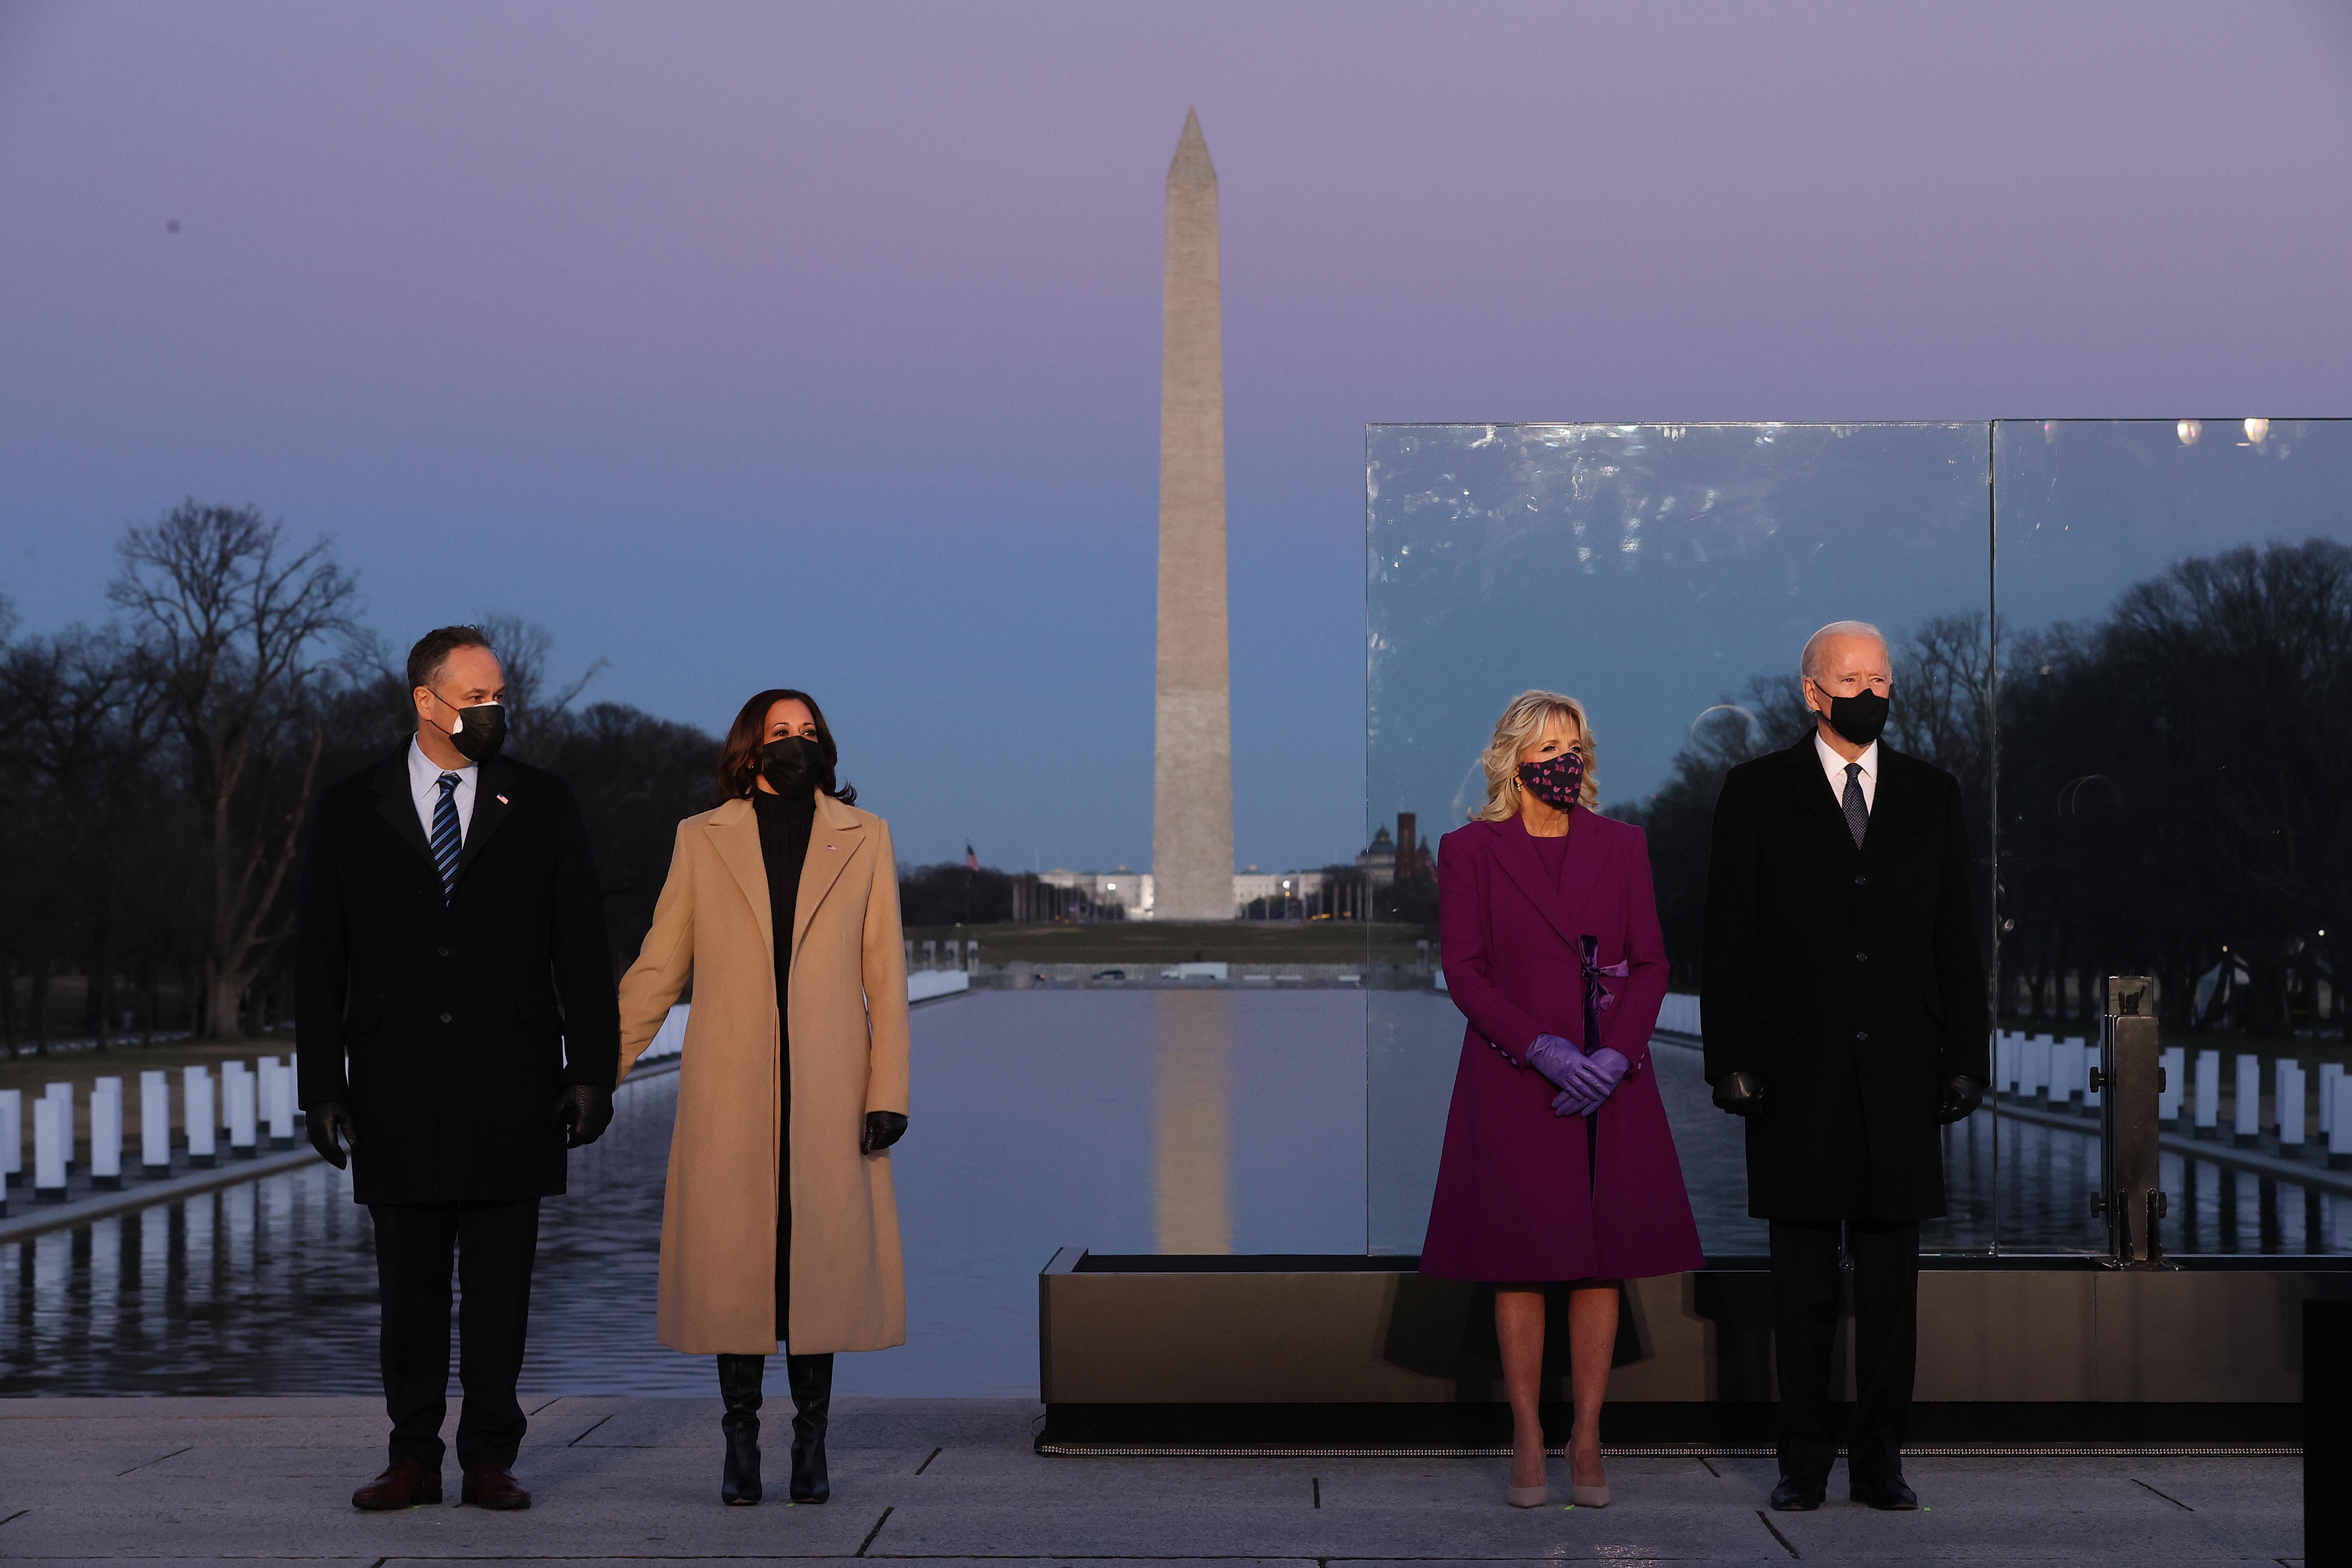 (LR) Douglas Emhoff, la vicepresidenta electa de EE. UU. Kamala Harris, la Dra. Jill Biden y el presidente electo de EE. UU. Joe Biden asisten a un servicio conmemorativo para honrar a las casi 400,000 víctimas estadounidenses de la pandemia de coronavirus en el Lincoln Memorial Reflecting Pool el 19 de enero de 2021 en Washington, DC.